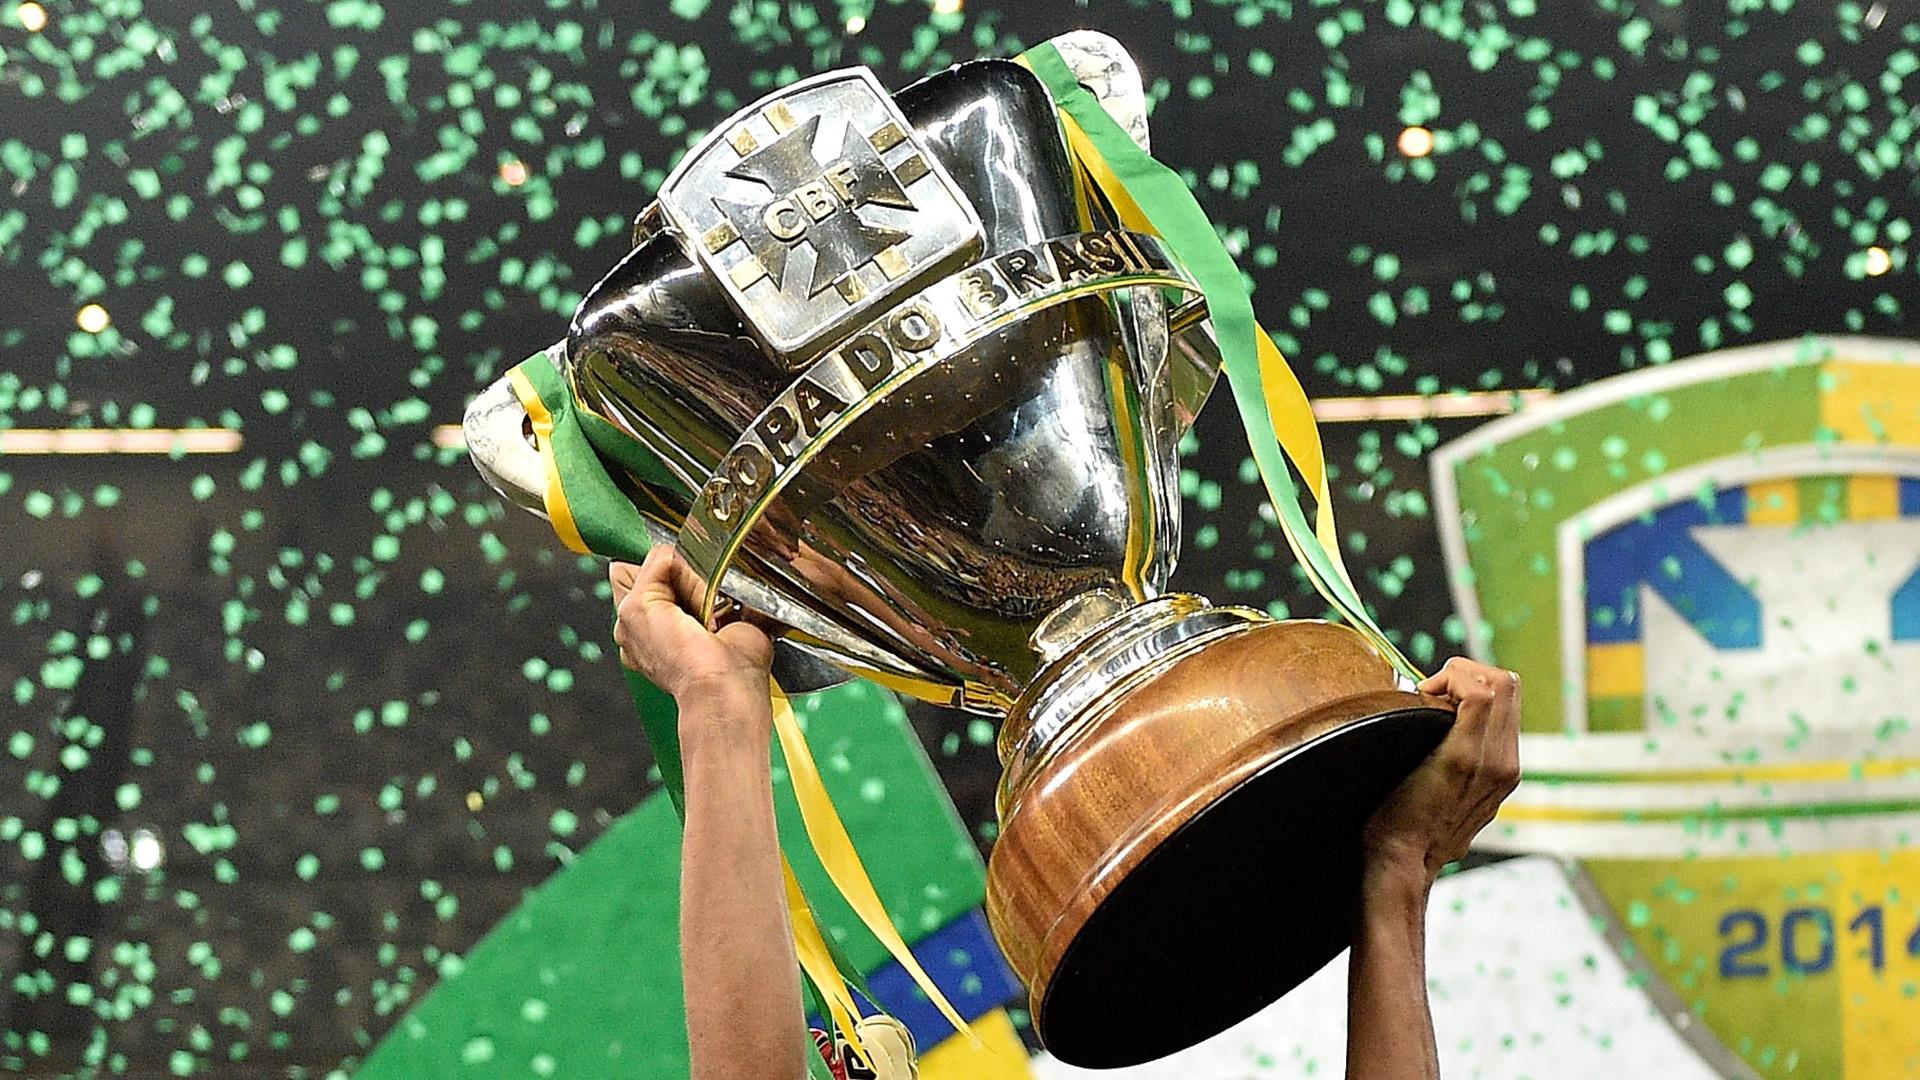 Resultado de imagem para guerra no futebol do brasil